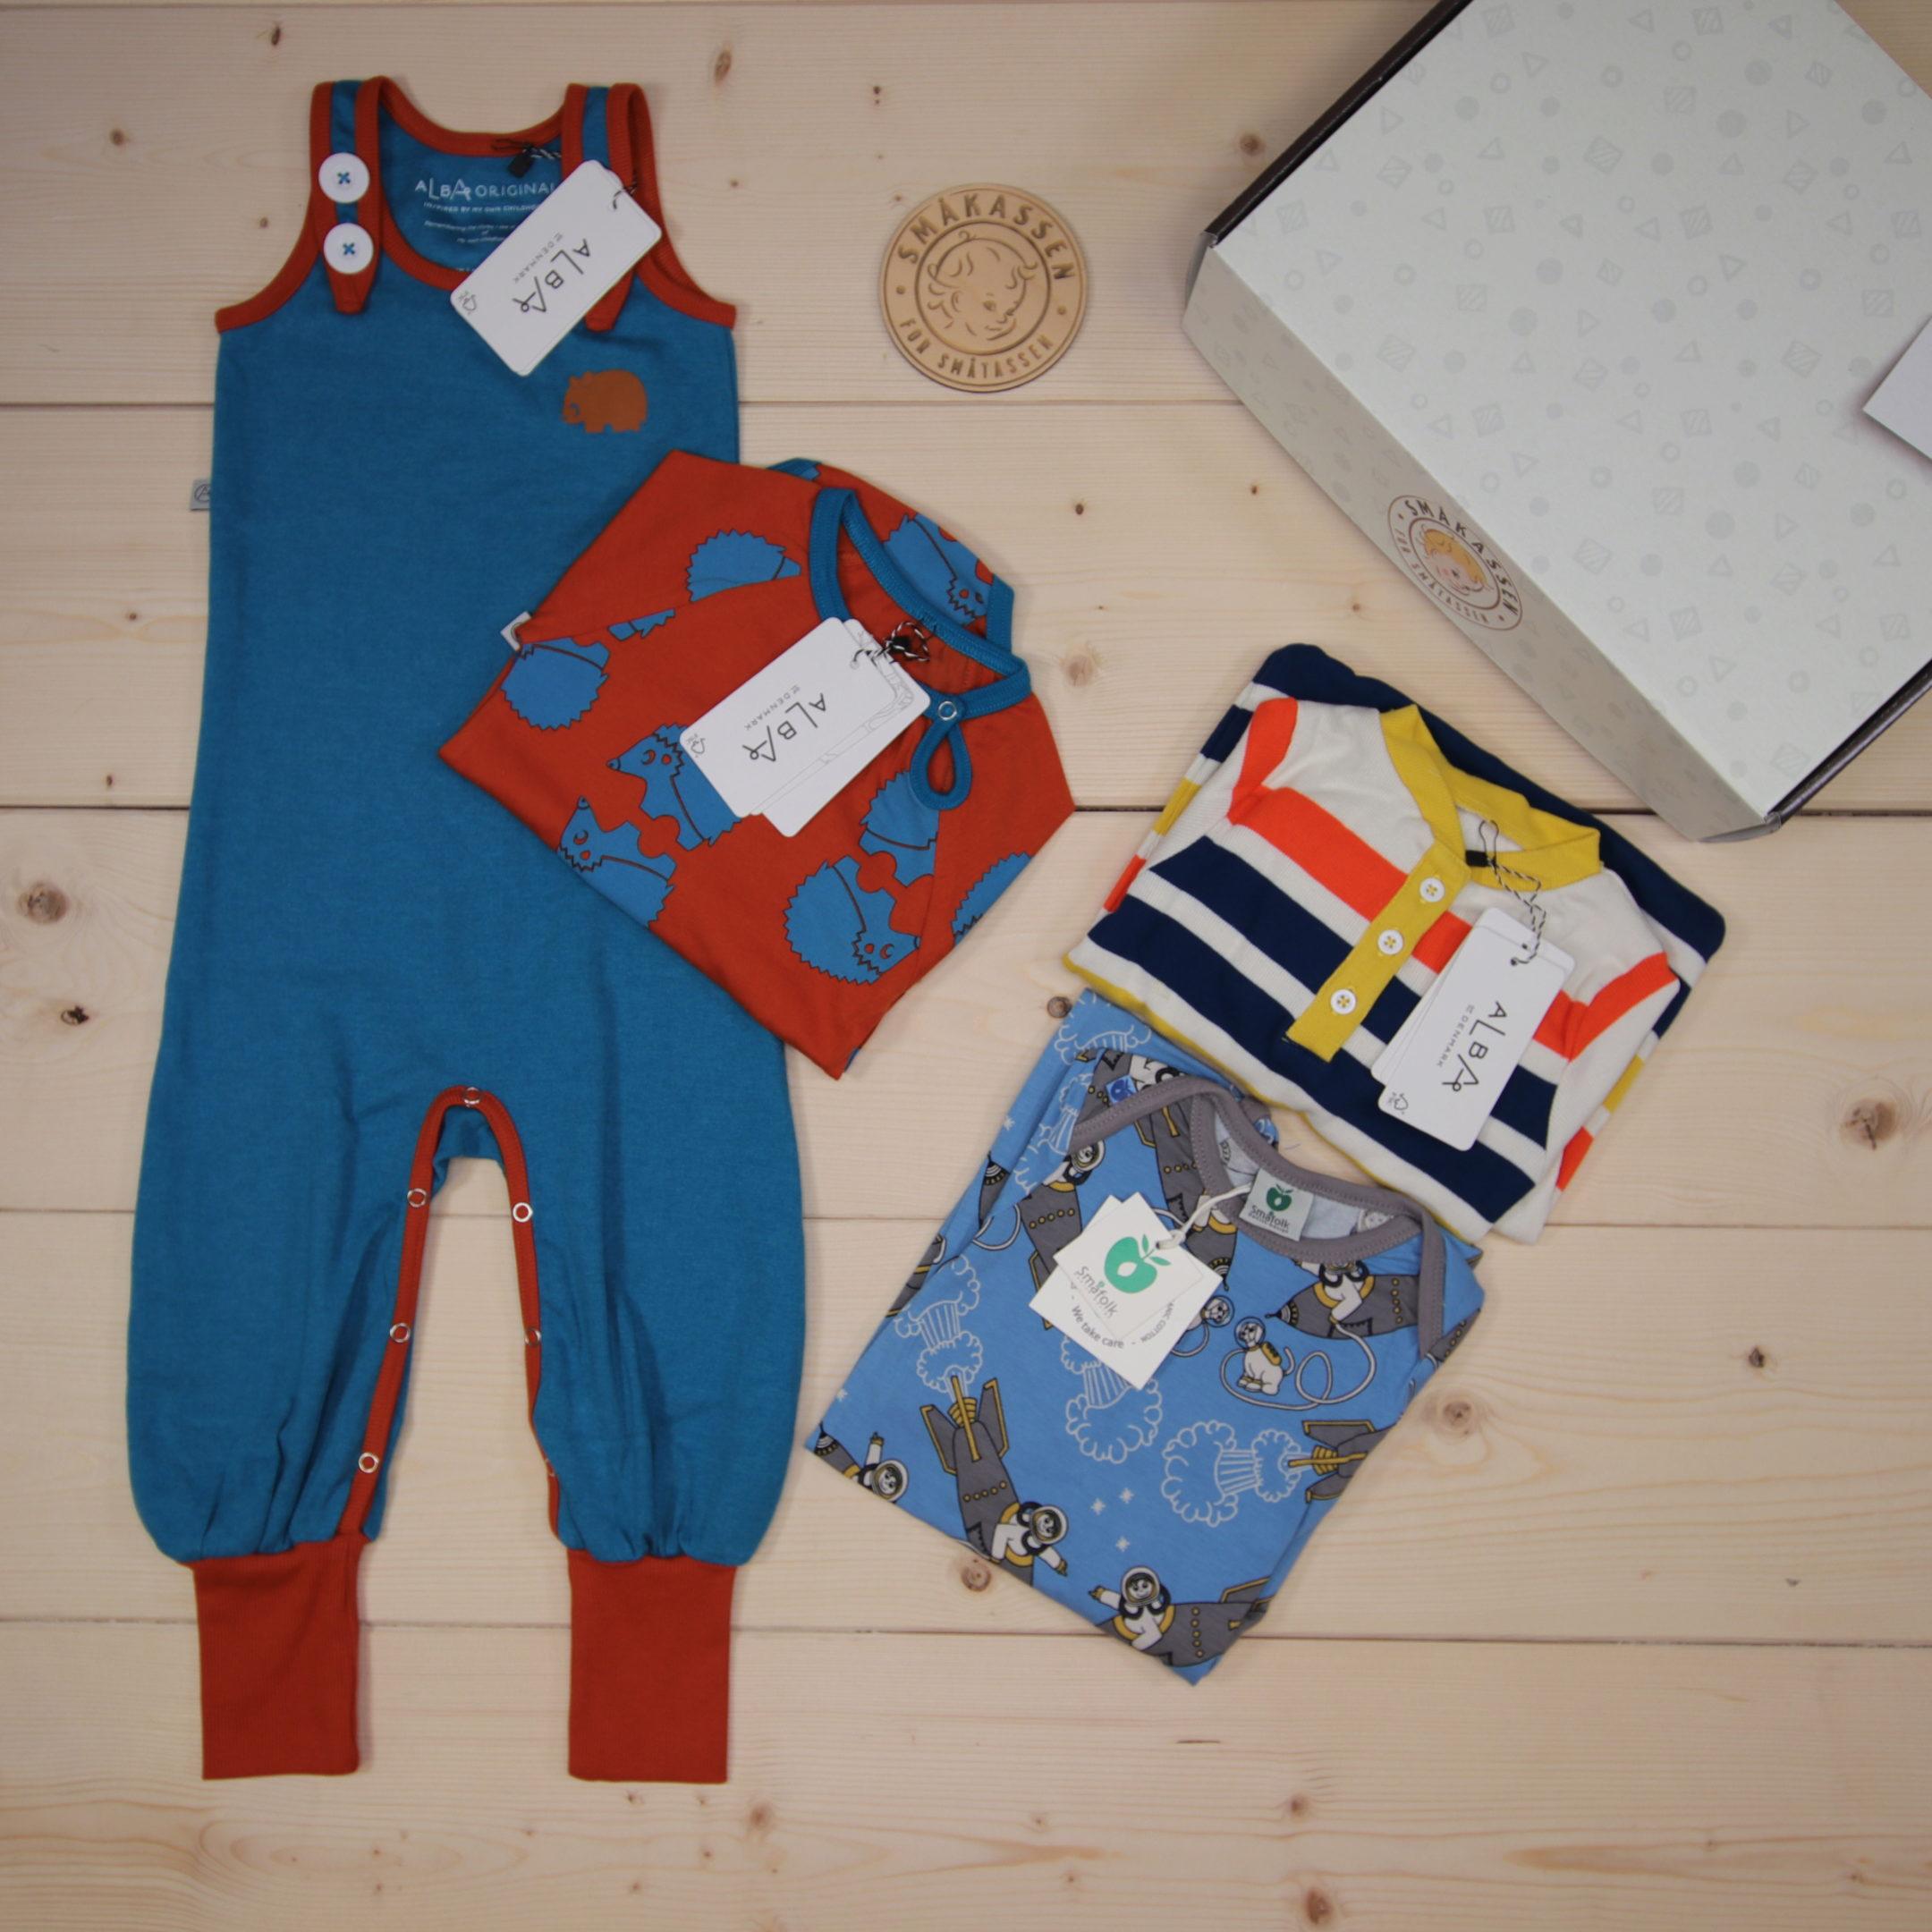 Dette er en 1100 NOK* The Childish Stylist som vi forberedte for en gutt i stilene cool og colorful i størrelse 86